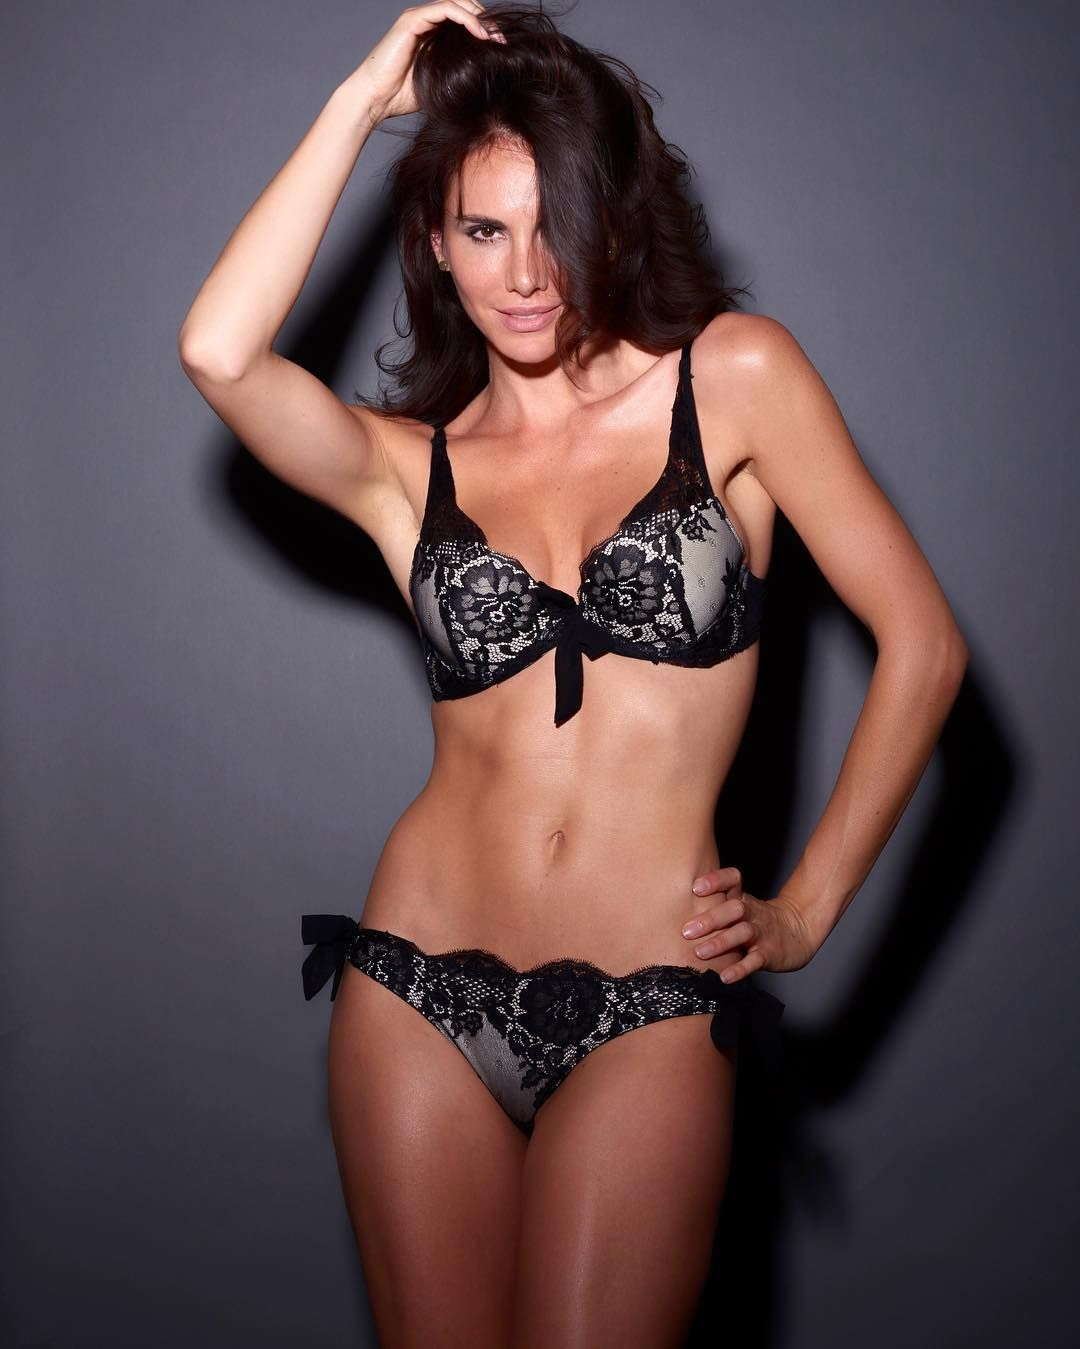 Bikini Andja Lorein naked (16 photo) Boobs, Facebook, cameltoe